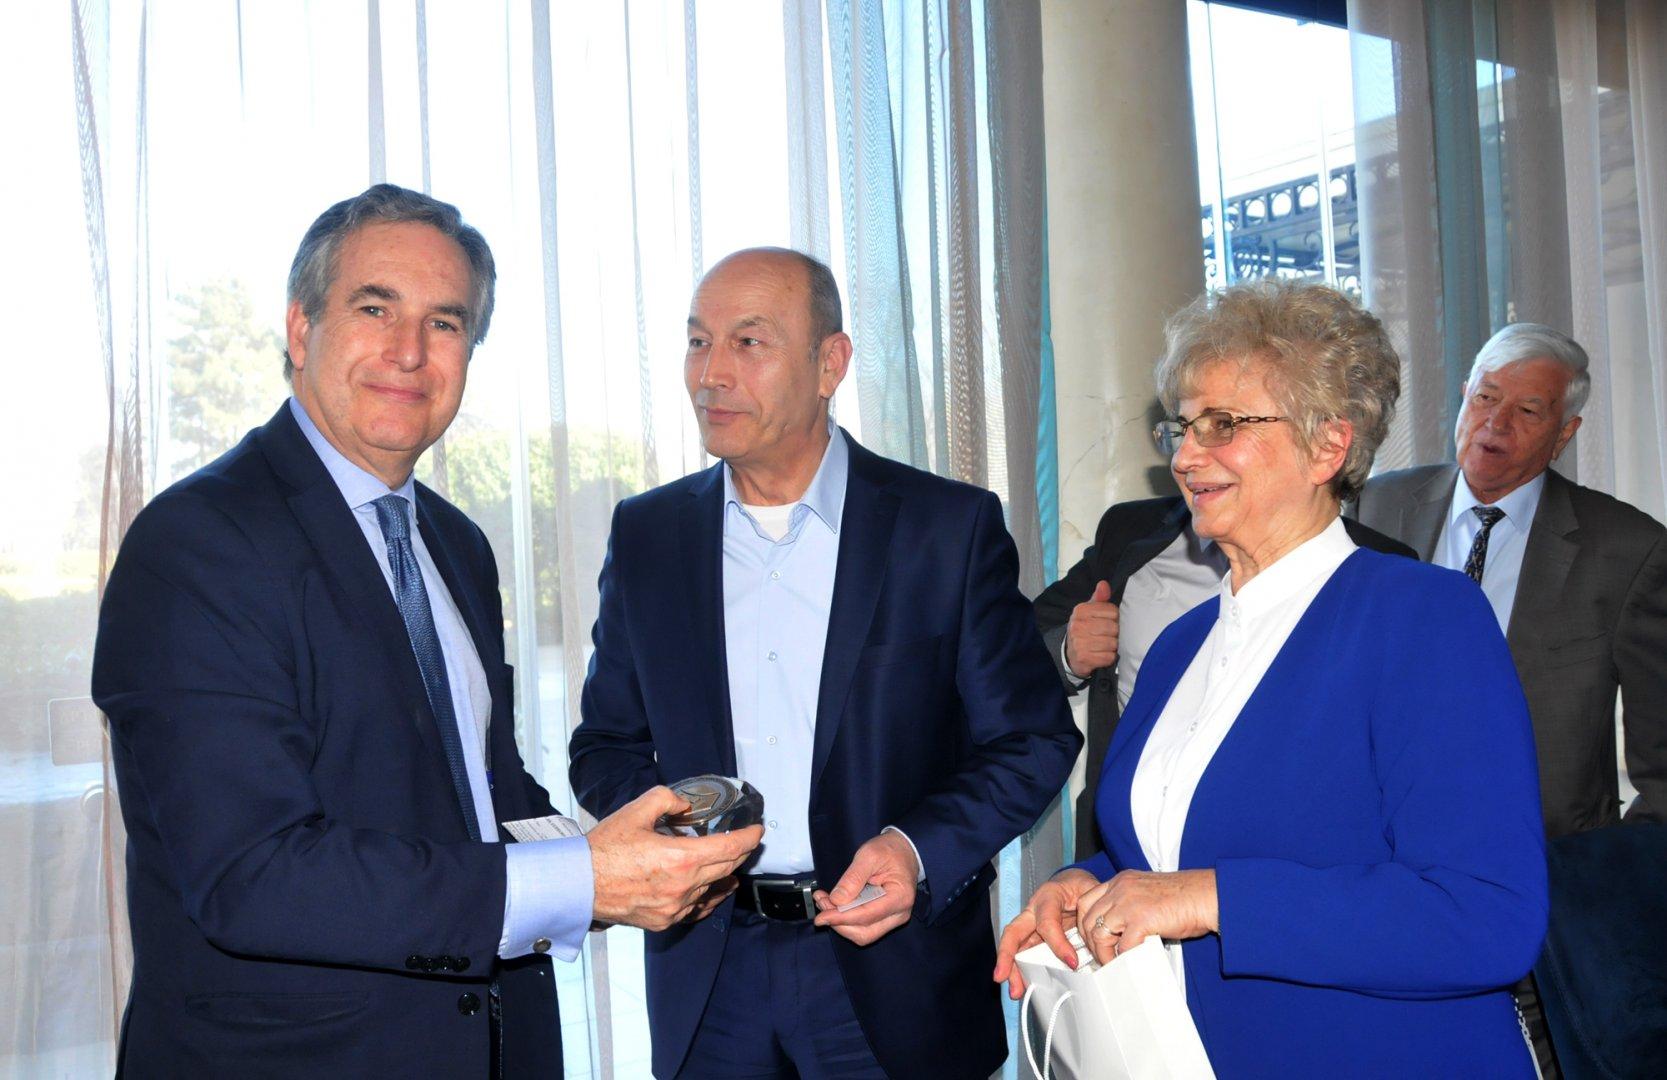 Председателят на ТИК Жорж Дерелиев (в средата) връчи почетния знак на посланик Алехандро Поланко Мата. Снимки Лина Главинова